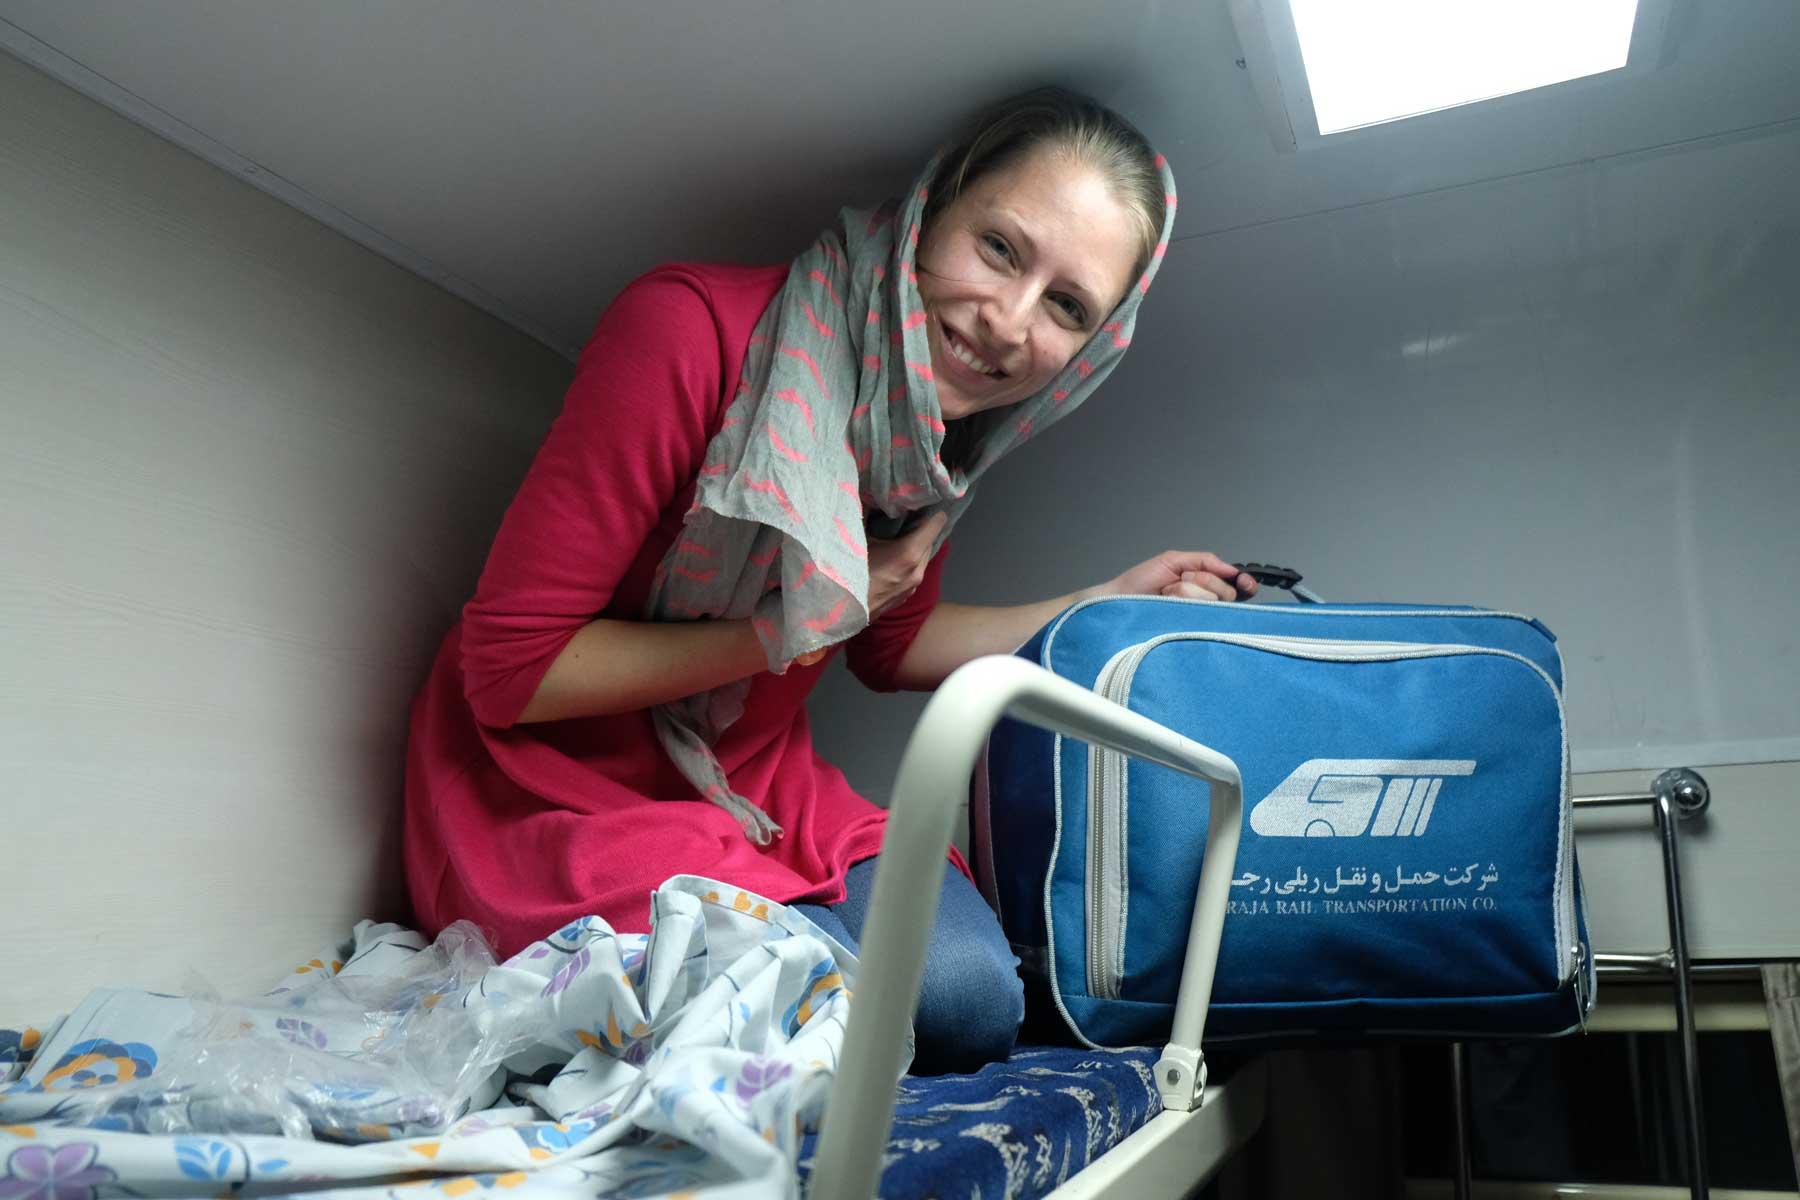 Ein bisschen eng hier, aber nachdem dann endlich das Bett bezogen war, konnten wir im Nachtzug nach Teheran gut schlafen